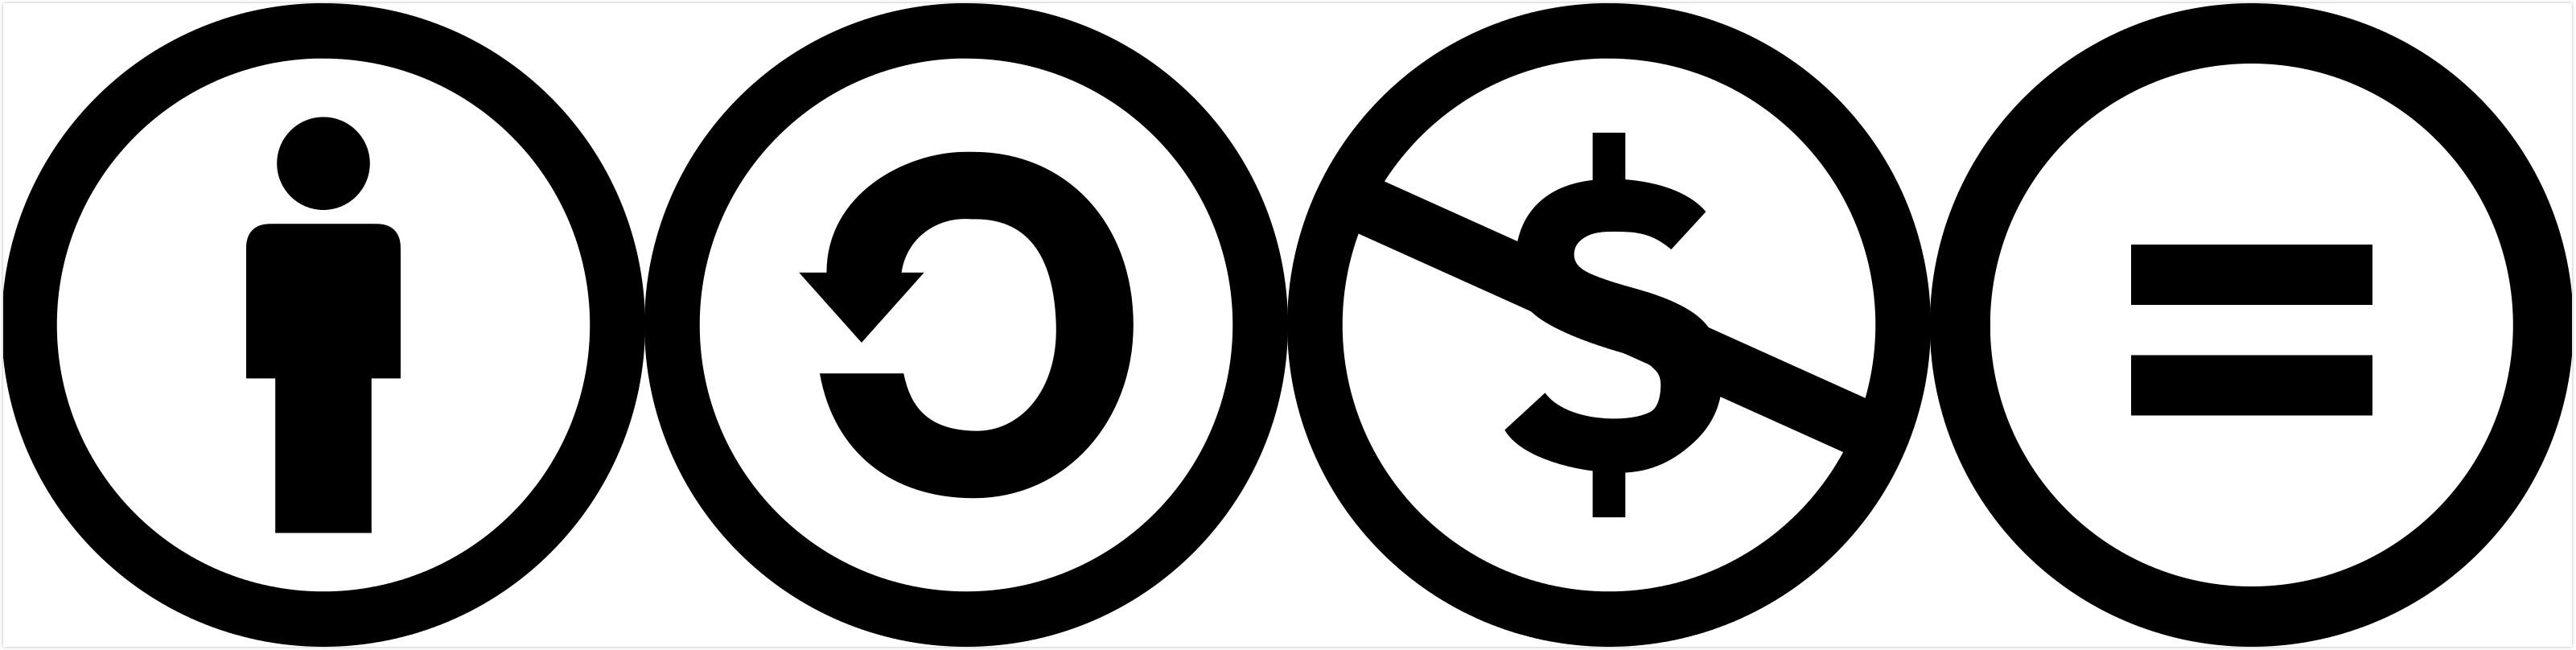 4种权利对应的图标